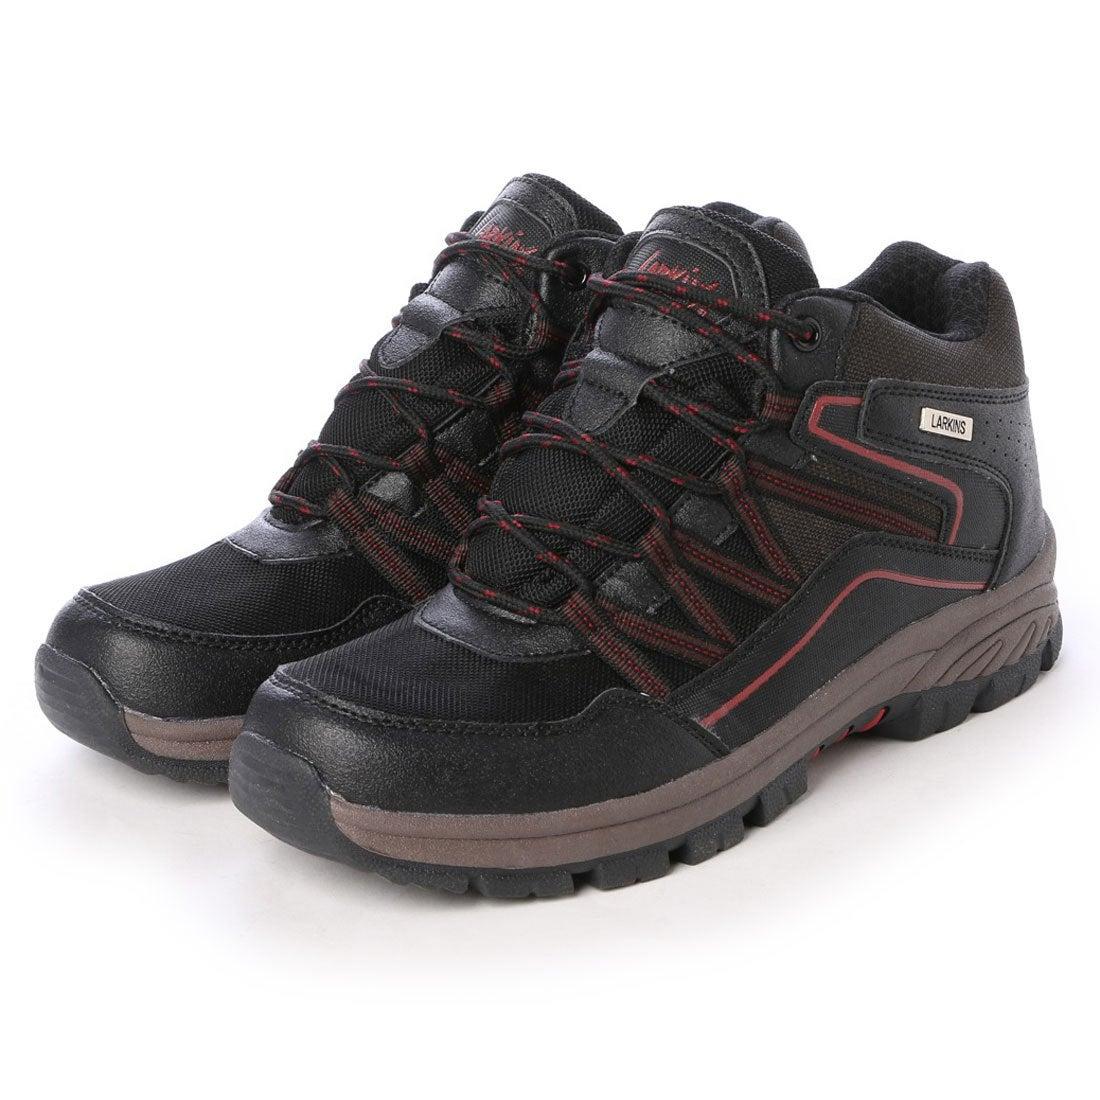 ラーキンス LARKINS 6cm・6時間防水 トレッキングシューズ ハイカット (ブラック) ,靴とファッションの通販サイト ロコンド